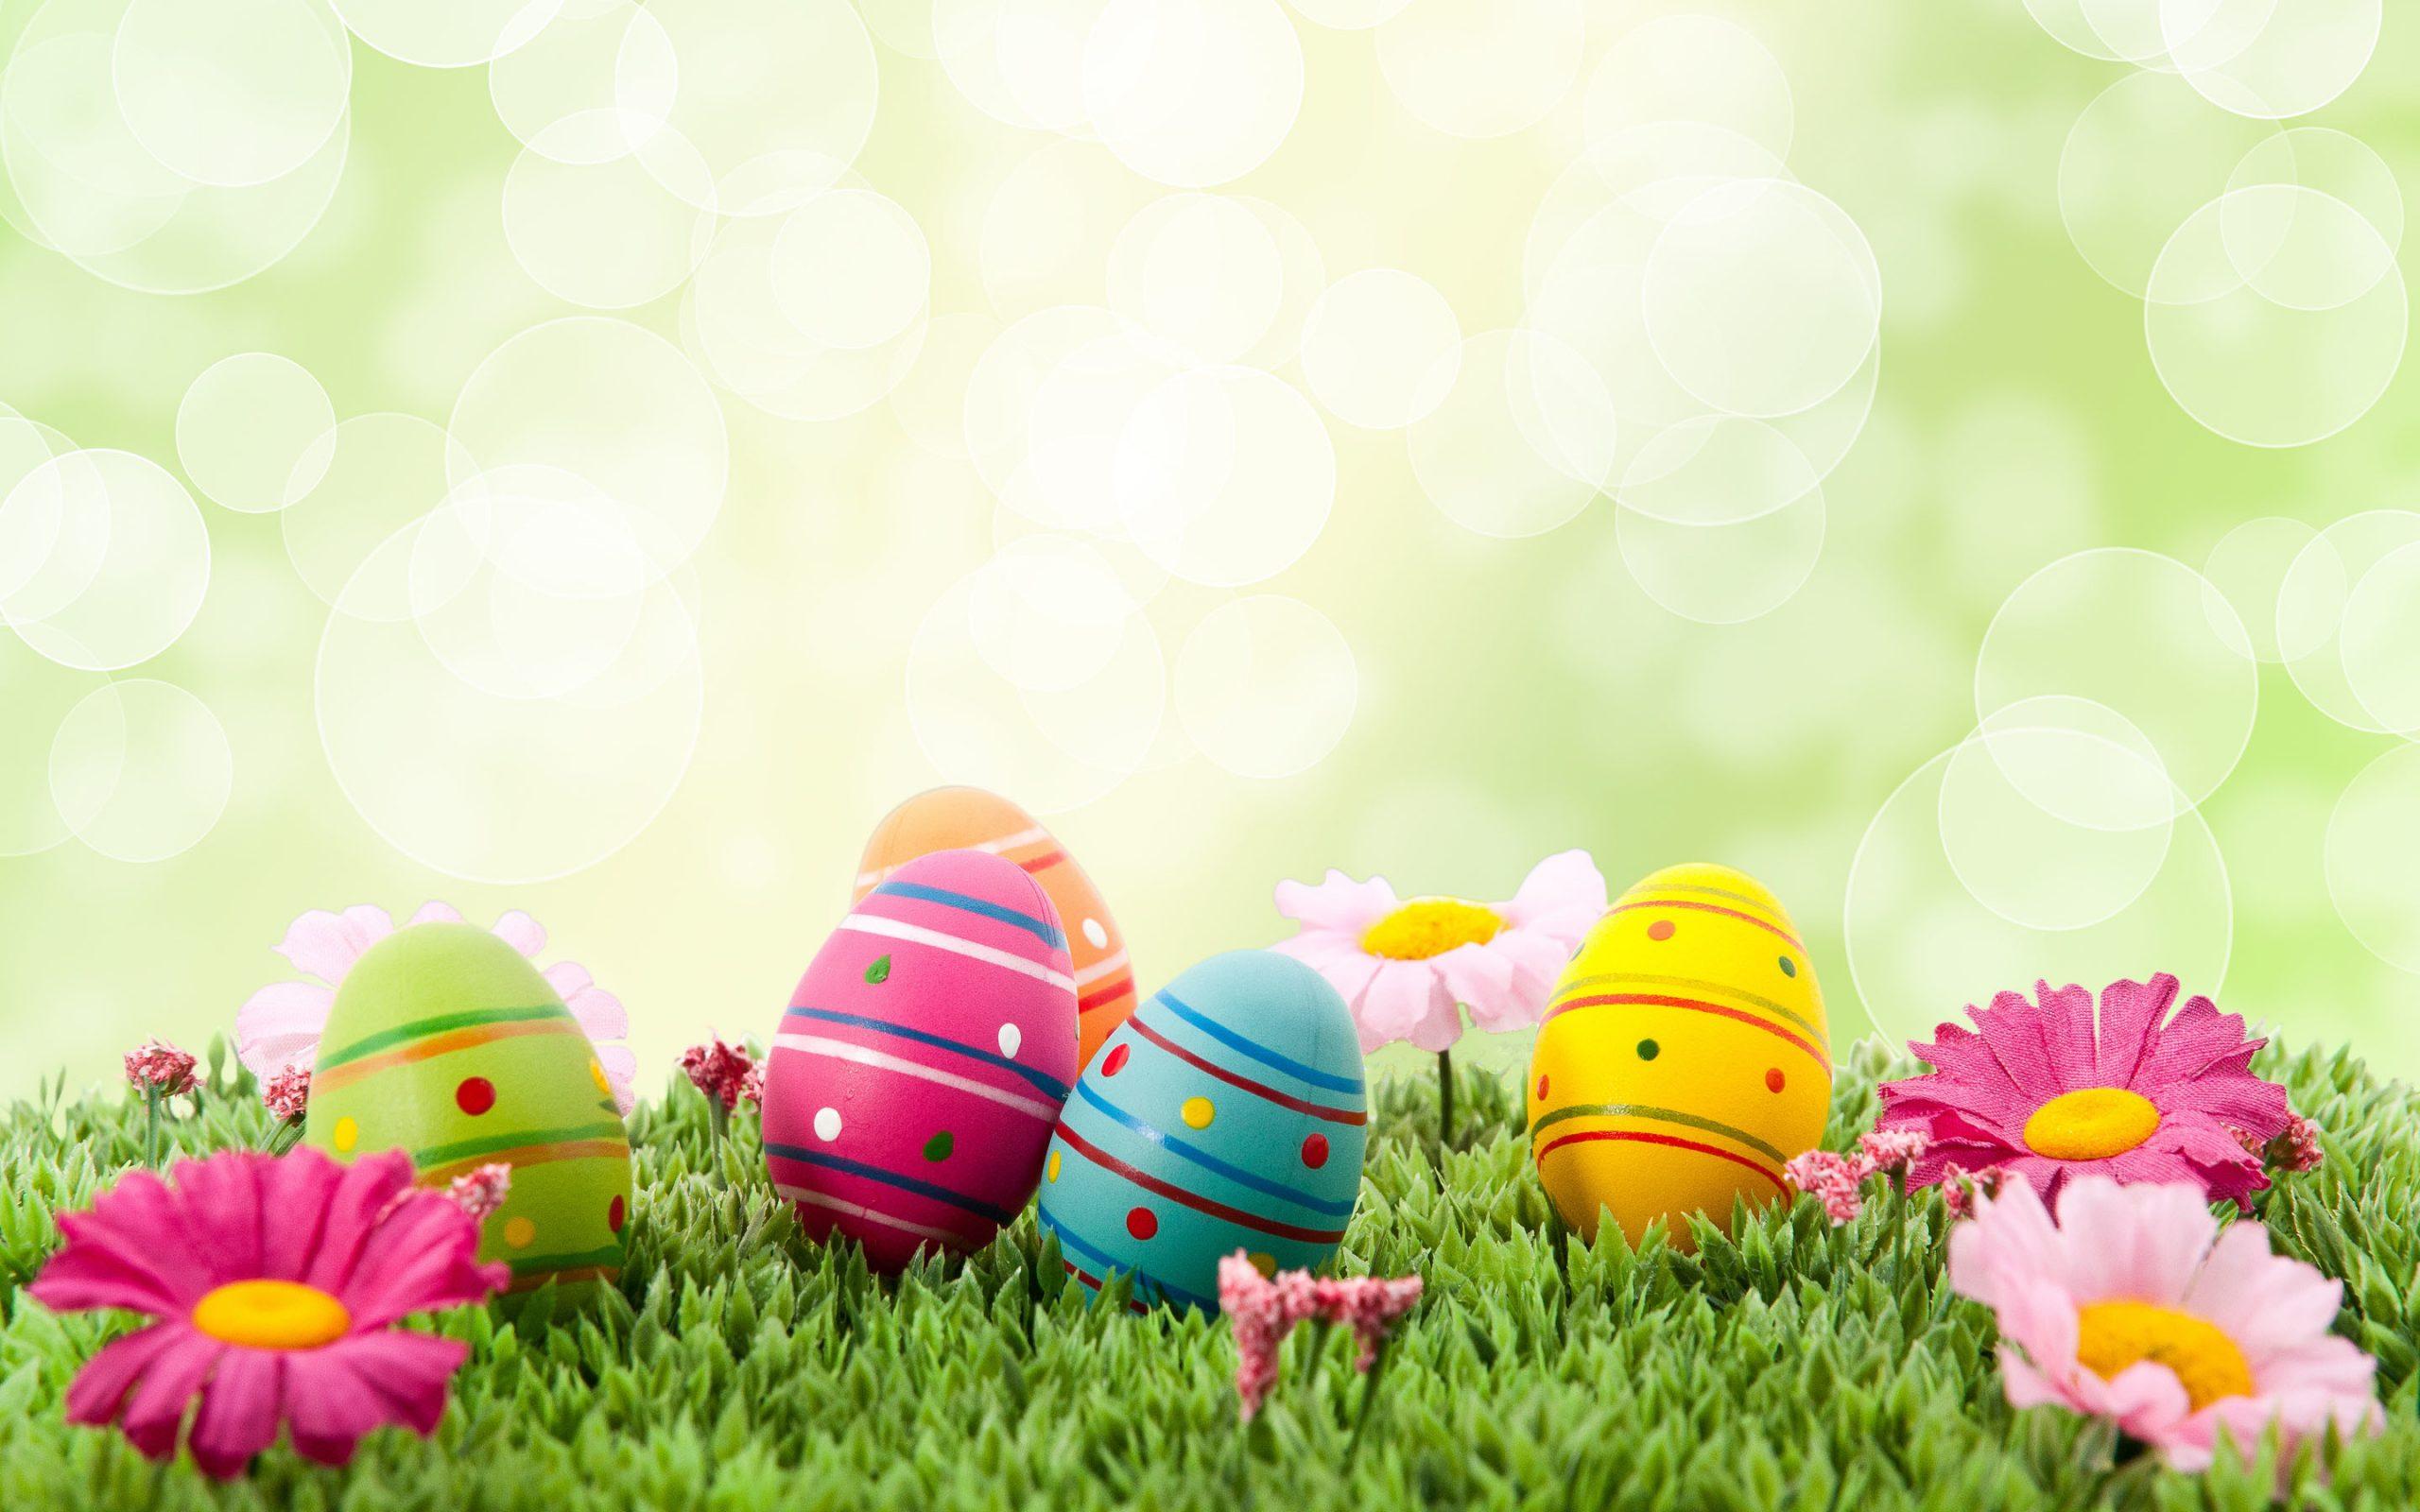 Easter Egg Background Image For April 2020 Digital Signage